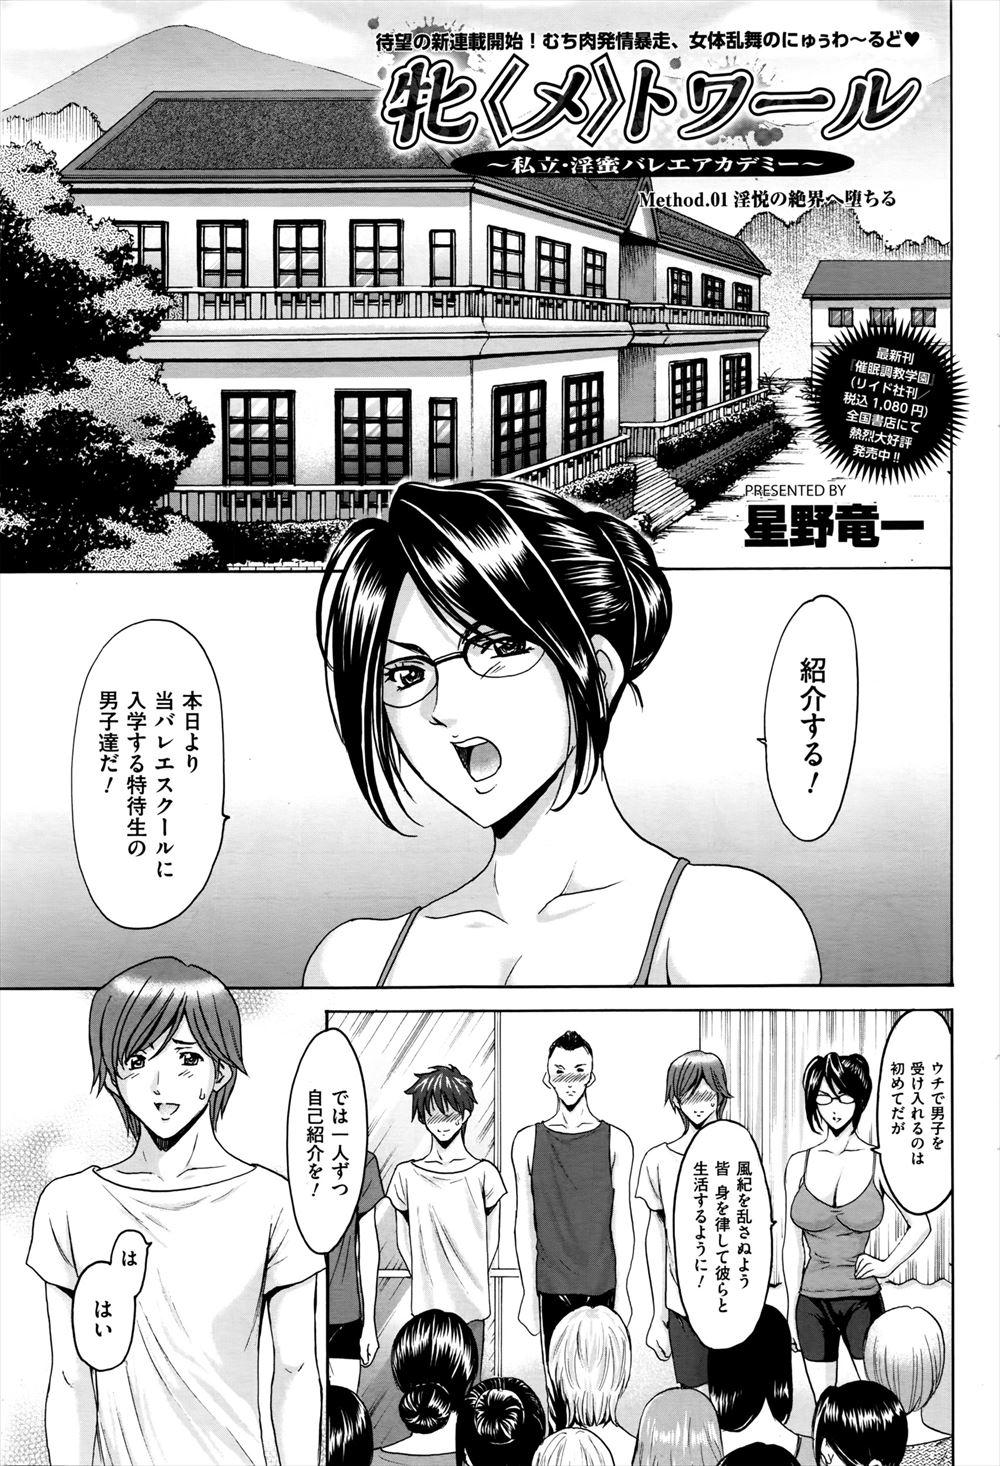 【エロ漫画】メンバーのほとんどが女性のバレエスクールに泊り込みで教わることにした男たちは歓迎会と称して深夜に拘束されて犯される!!【無料 エロ漫画】